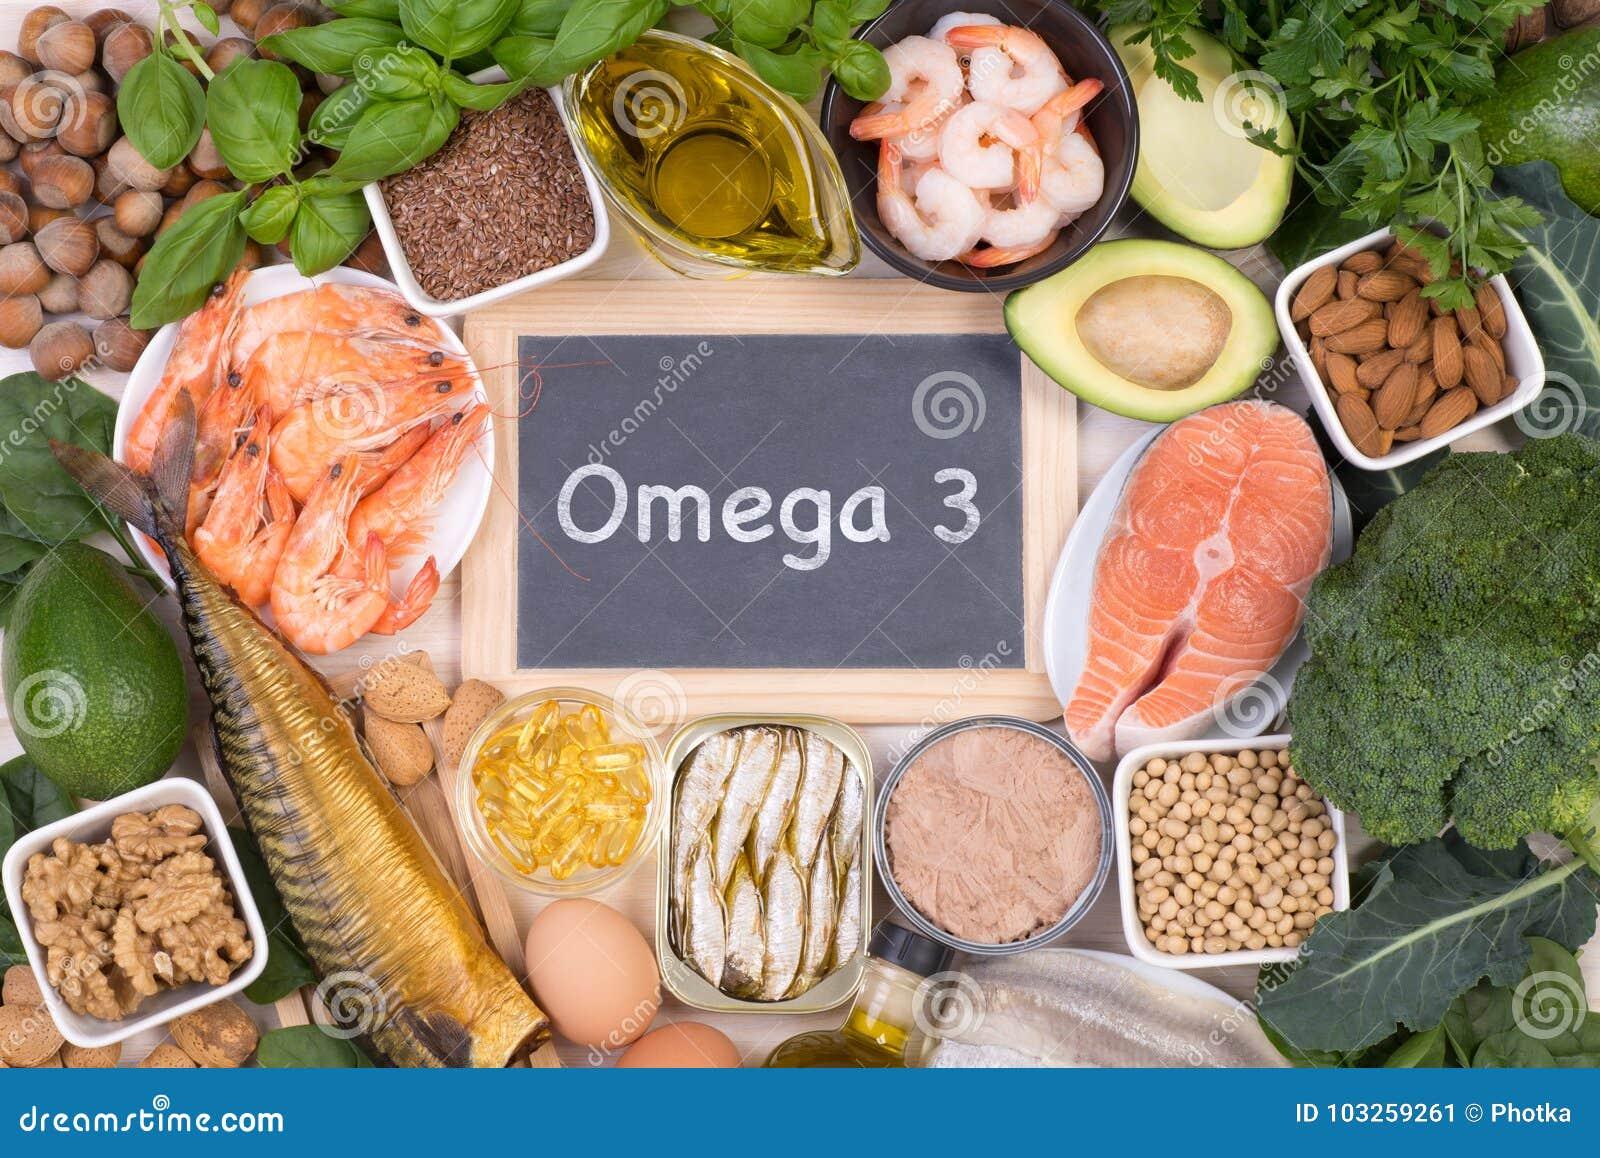 Ômega 3 fontes do alimento dos ácidos gordos